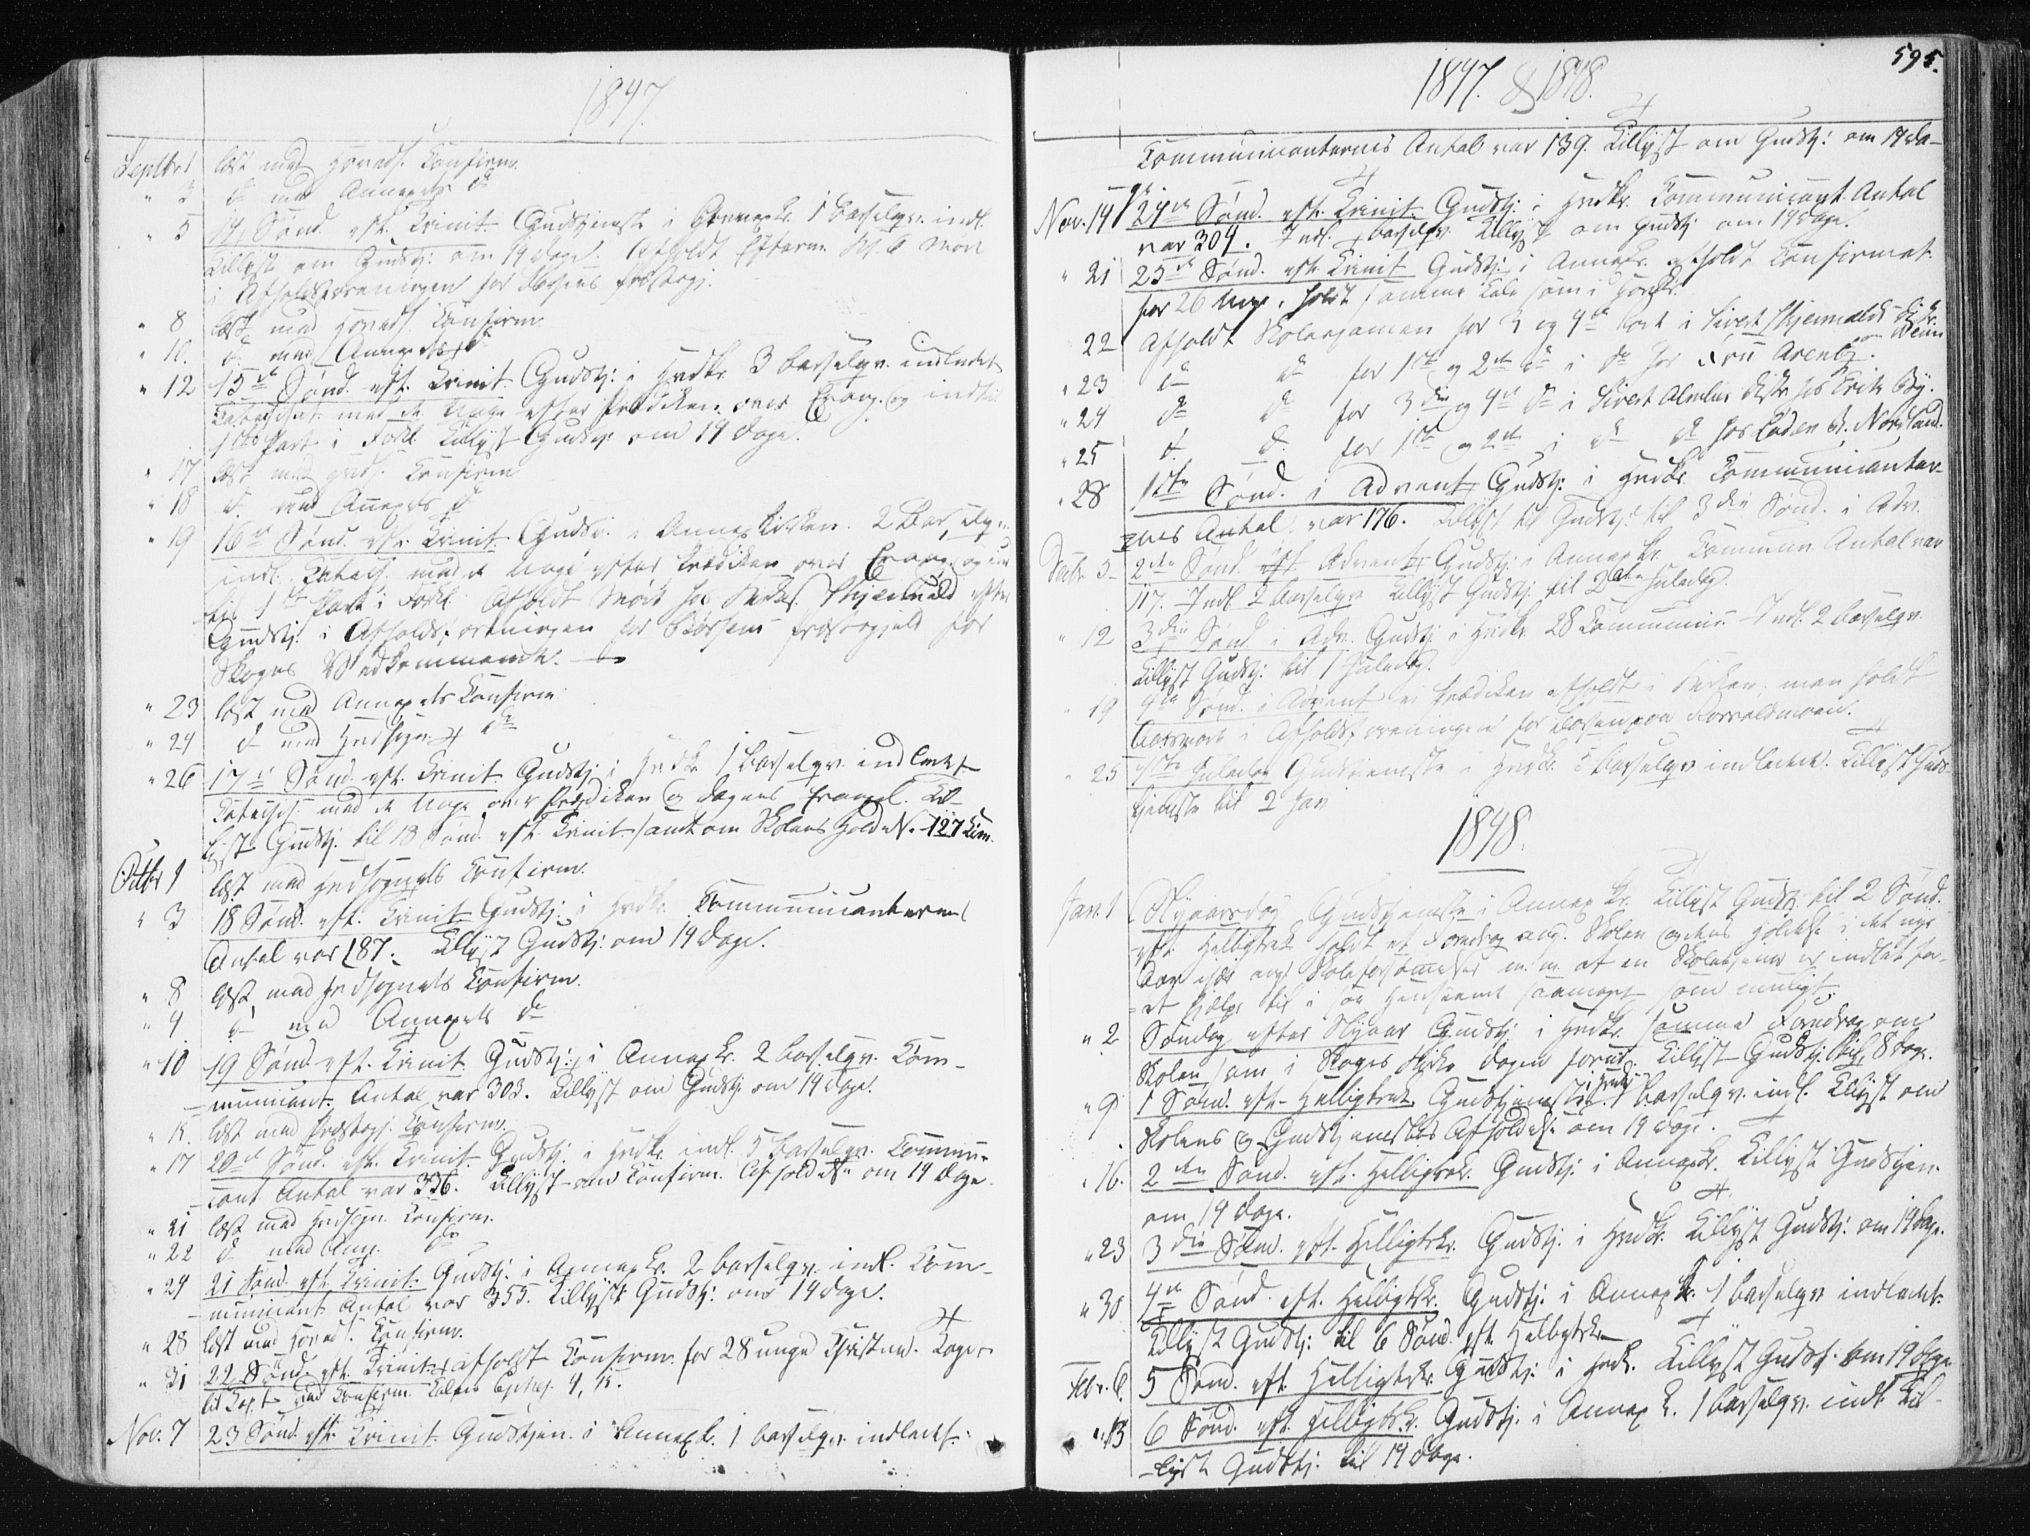 SAT, Ministerialprotokoller, klokkerbøker og fødselsregistre - Sør-Trøndelag, 665/L0771: Ministerialbok nr. 665A06, 1830-1856, s. 595